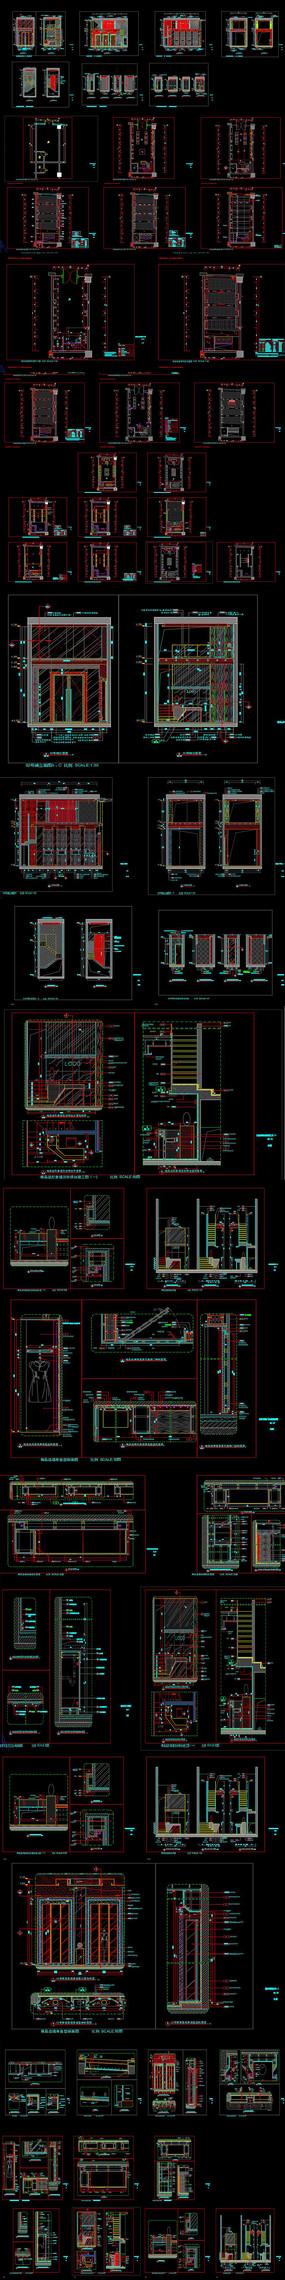 首饰精品店CAD图纸